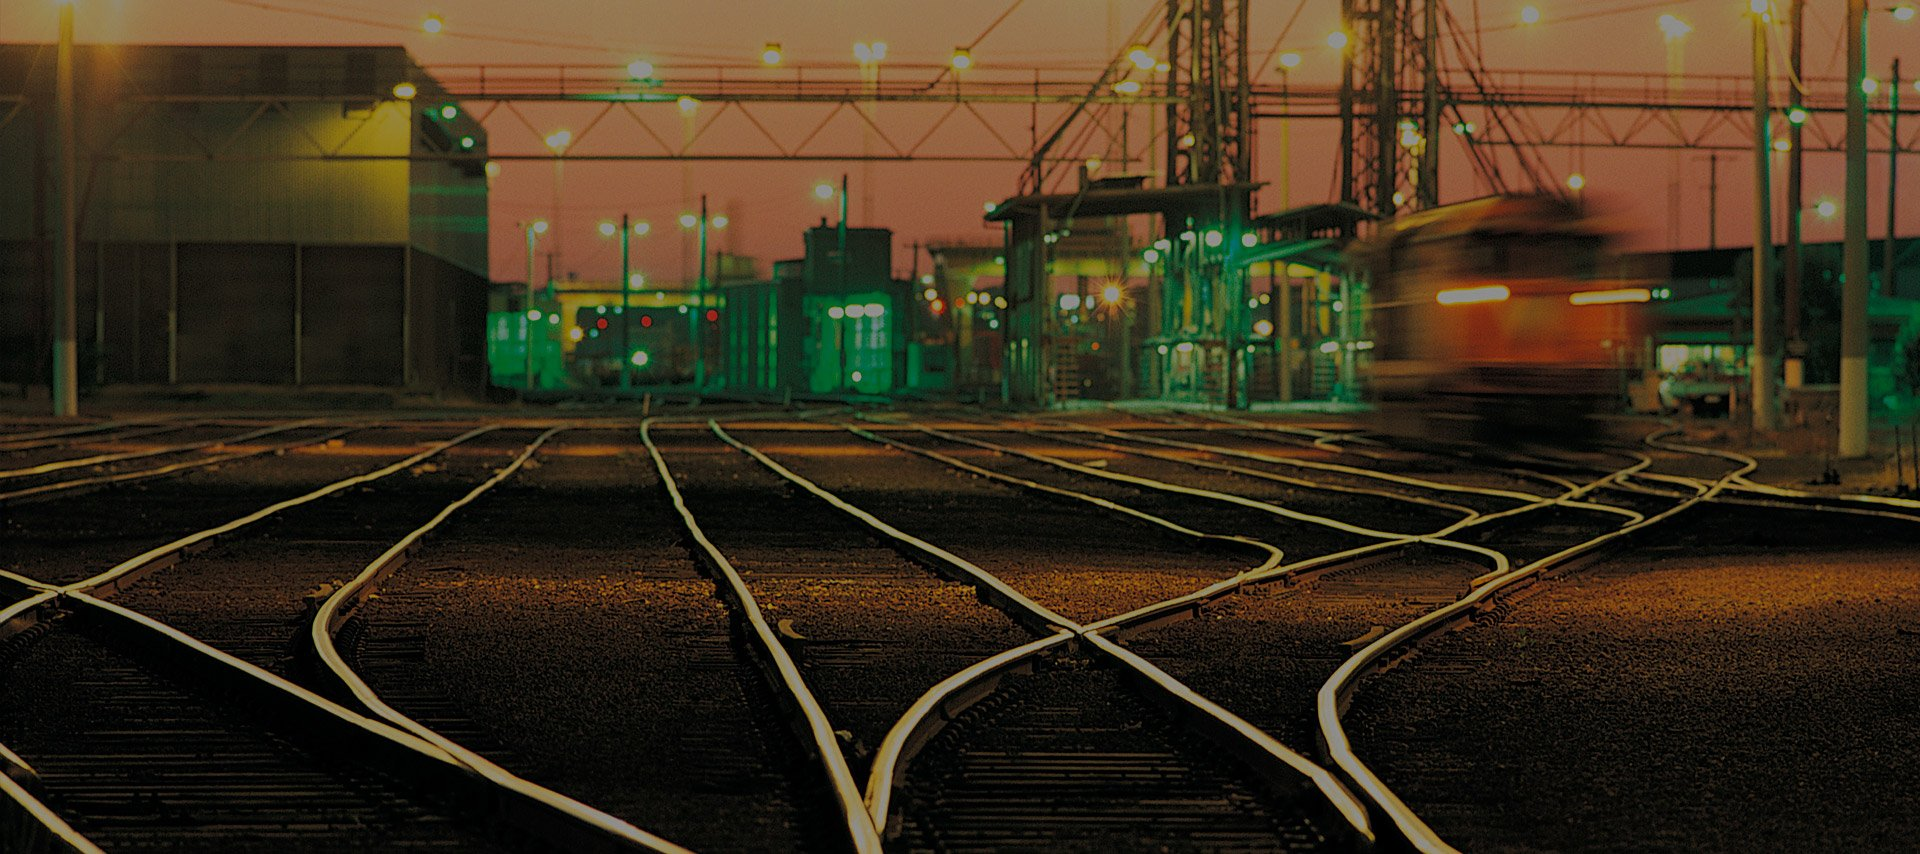 Решение задач по комплектации и электротехническим оборудованием предприятий